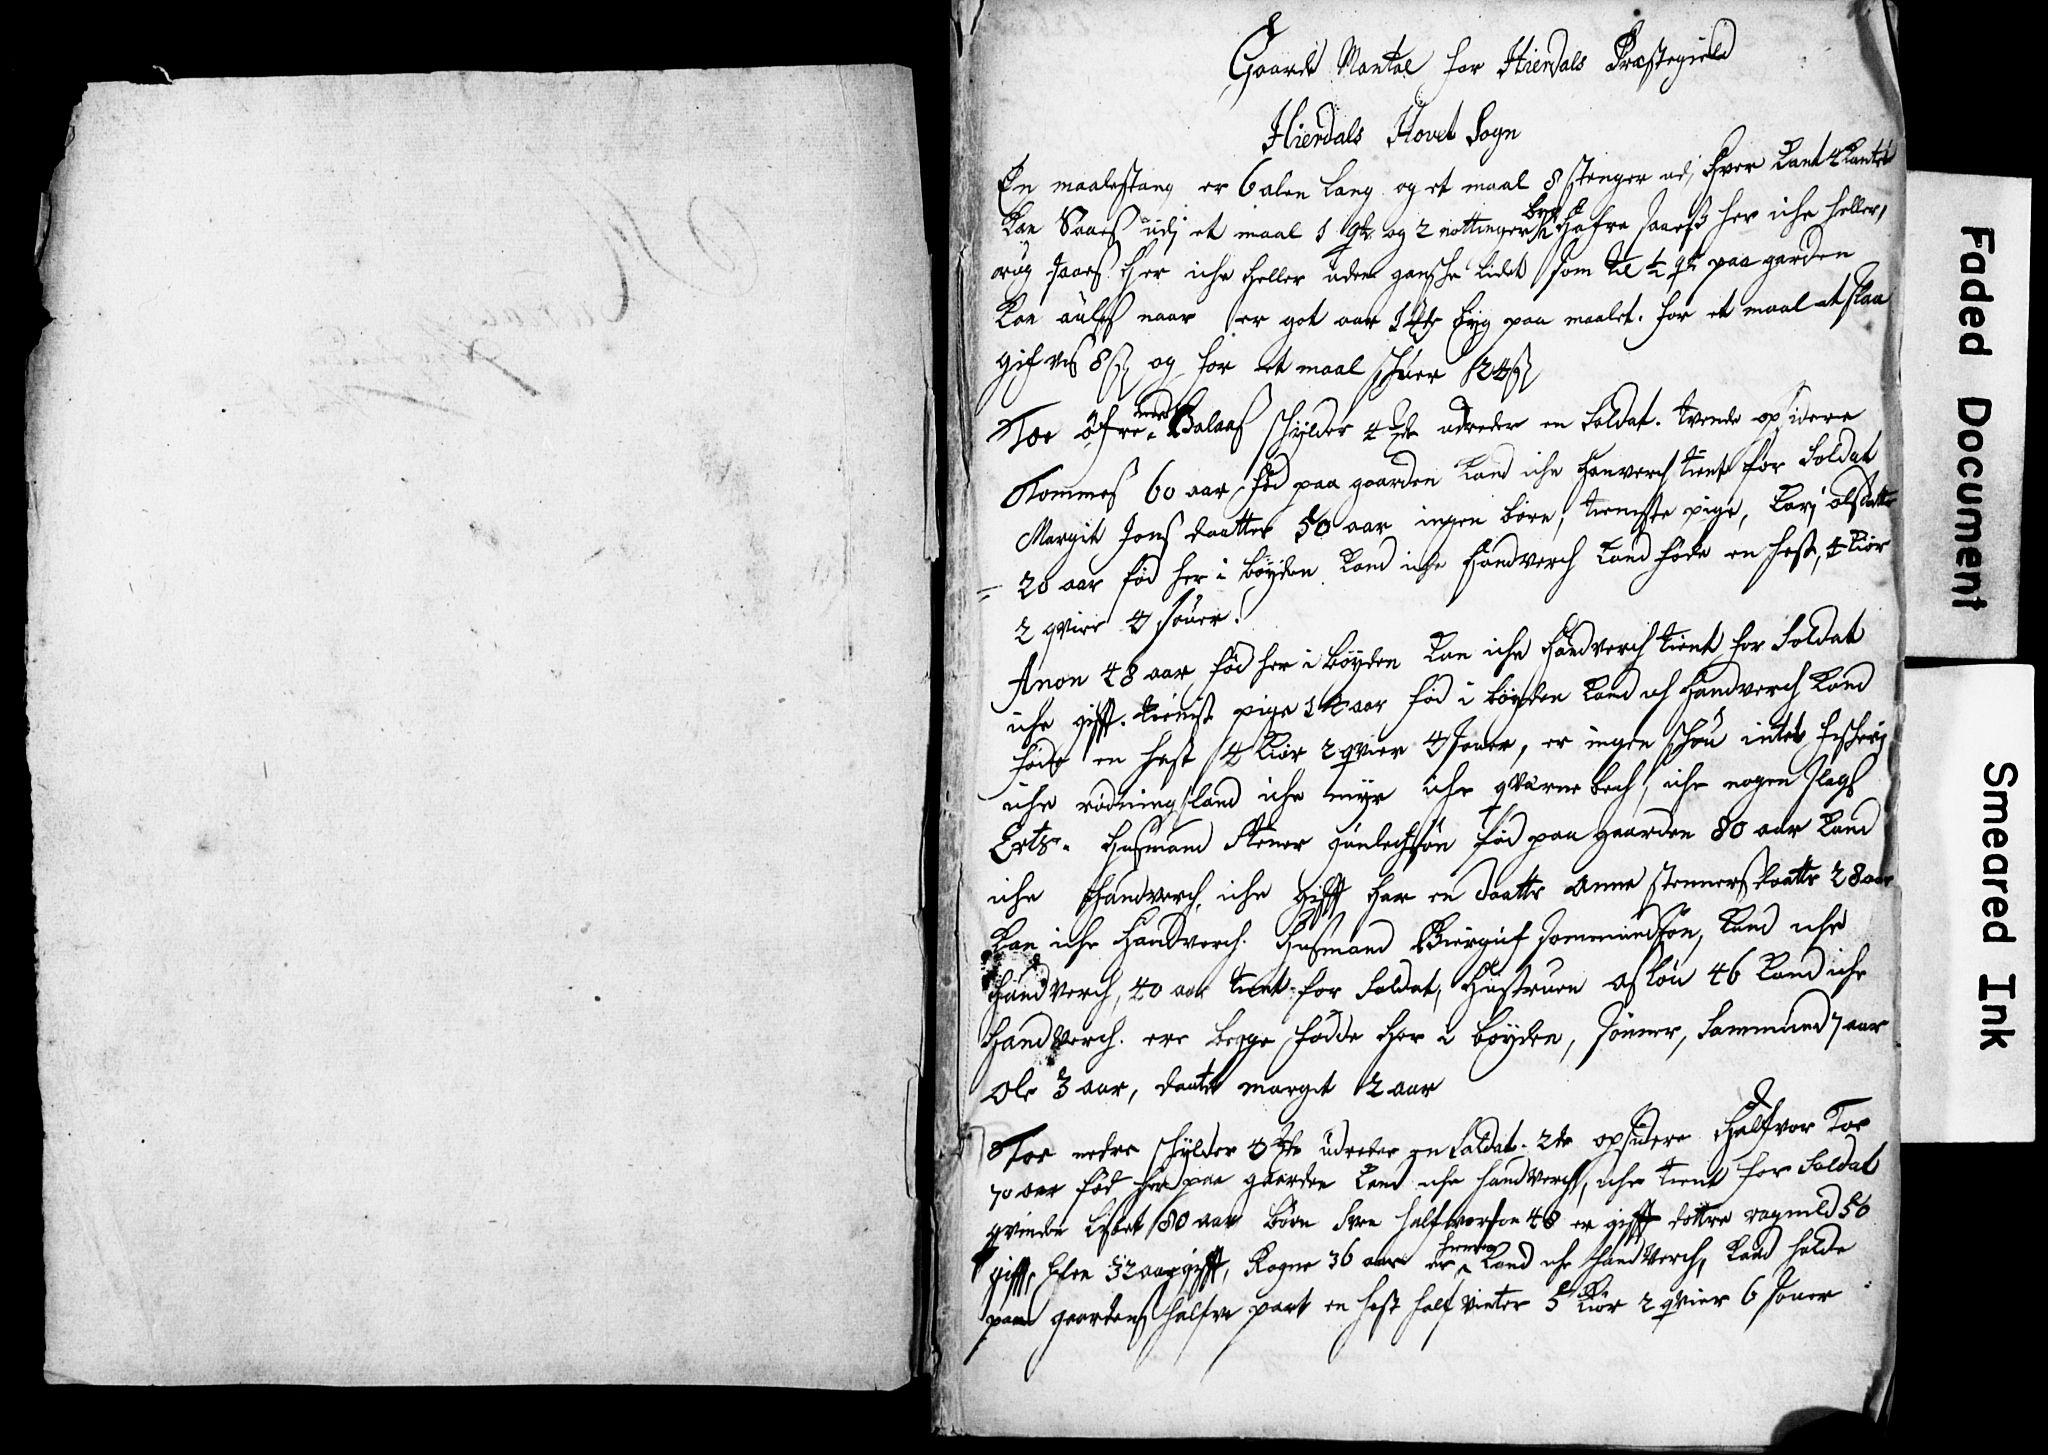 SAKO, Bratsberg Len og Amt, I/I34/L0342: Diverse manntall og fortegnelser, 1730, s. upaginert